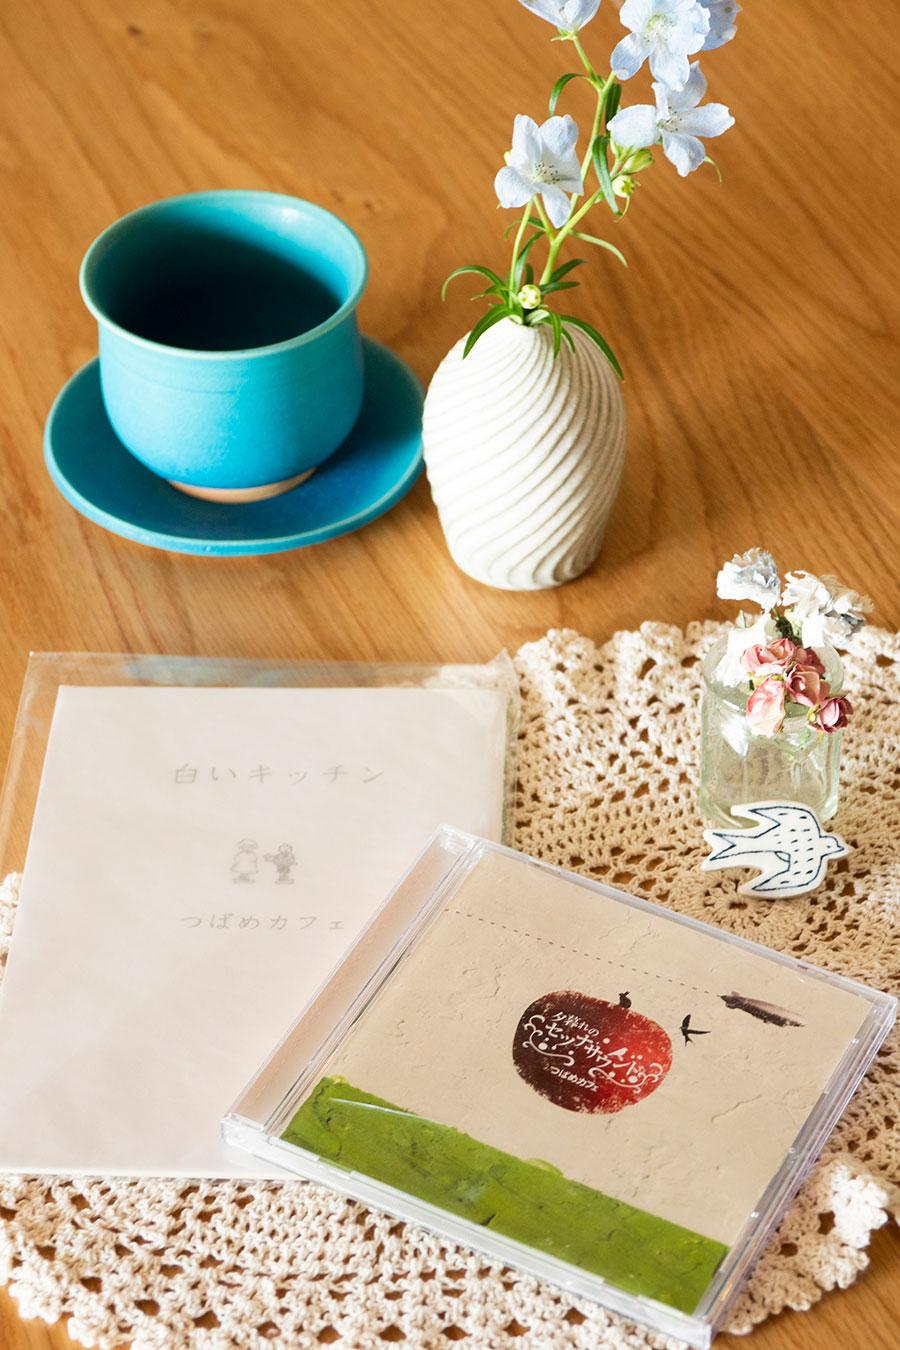 「つばめカフェ」として活動していた佳奈子さんの作品。沖縄・大峰工房の器がお気に入り。